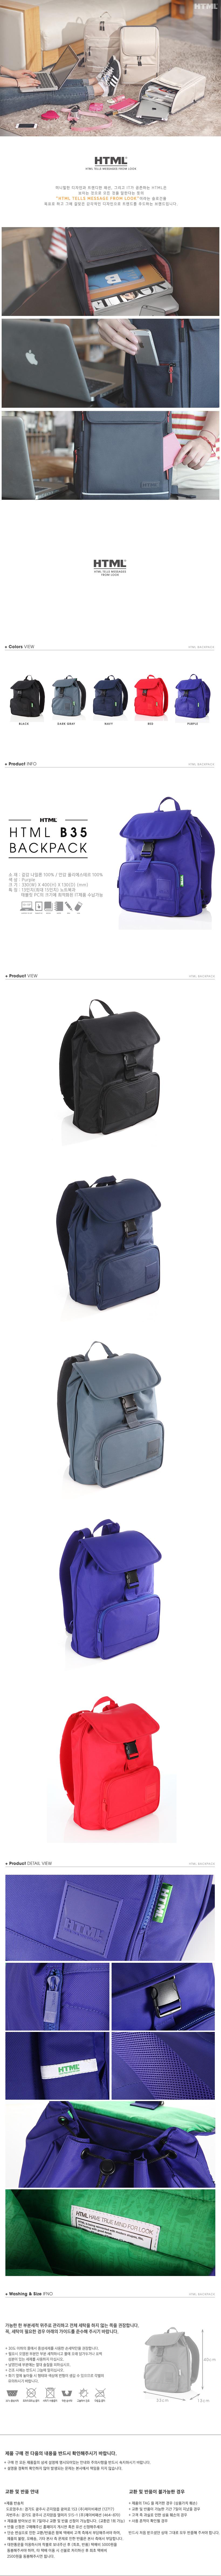 [에이치티엠엘]HTML - B35 backpack (Purple)_인기백팩